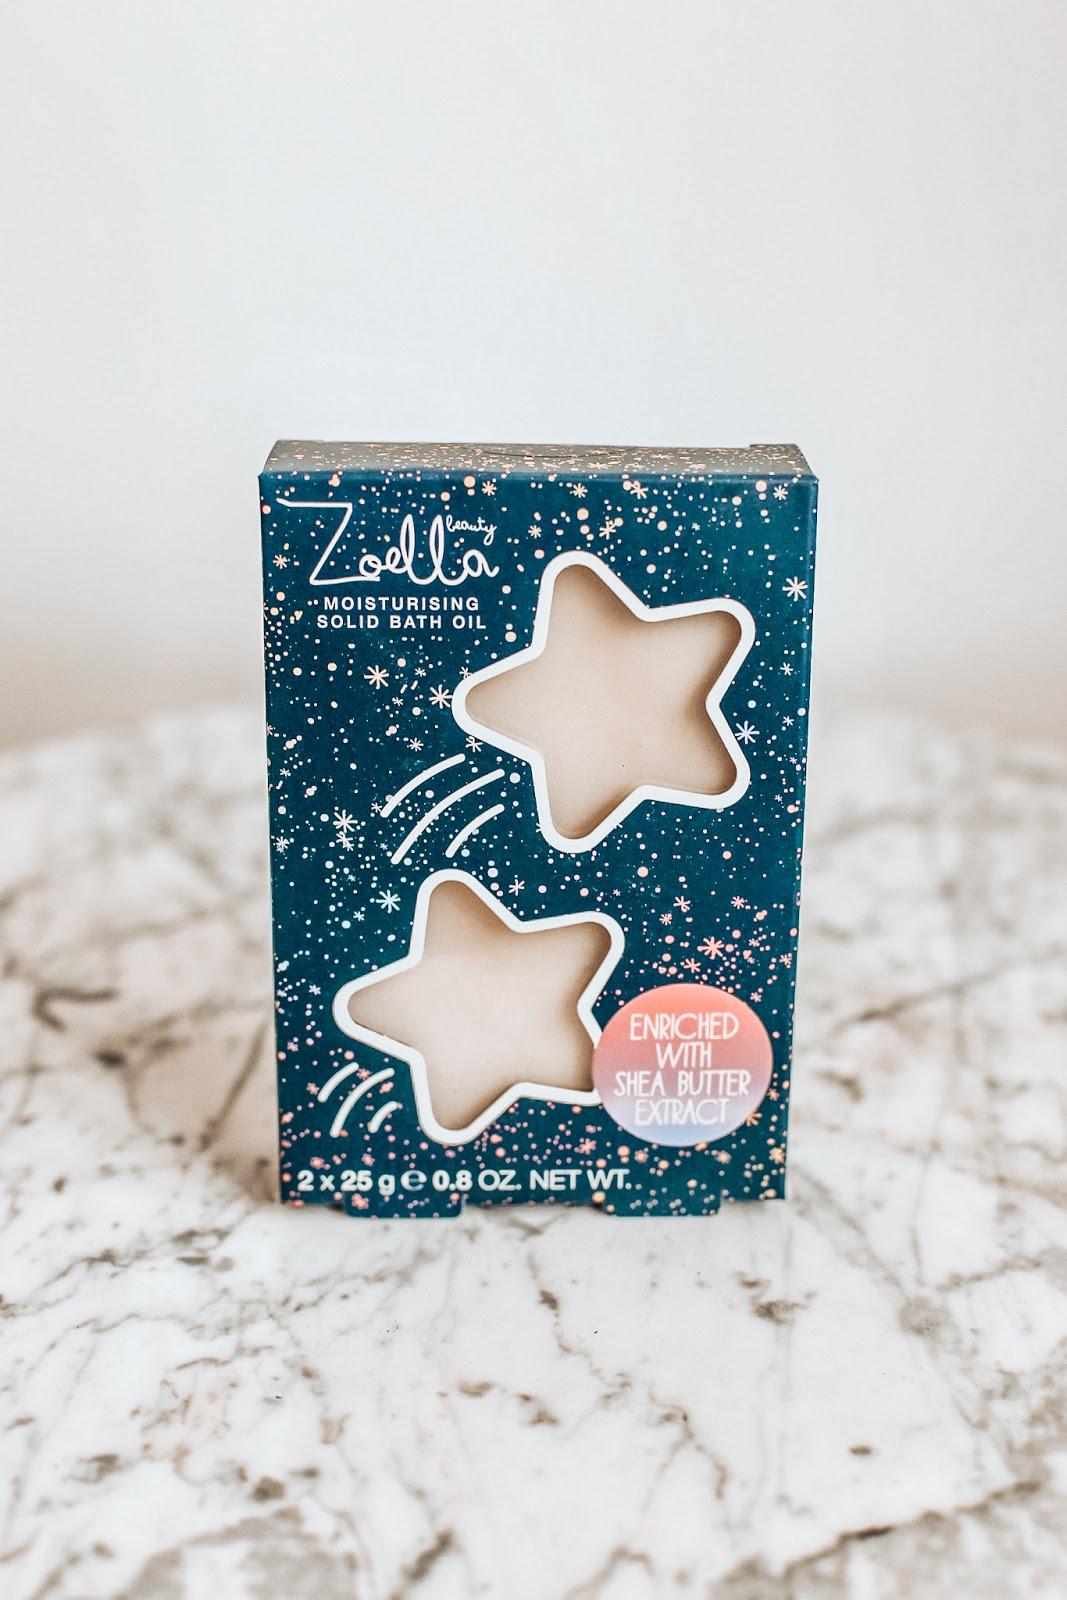 Zoella moisturising solid bath oil